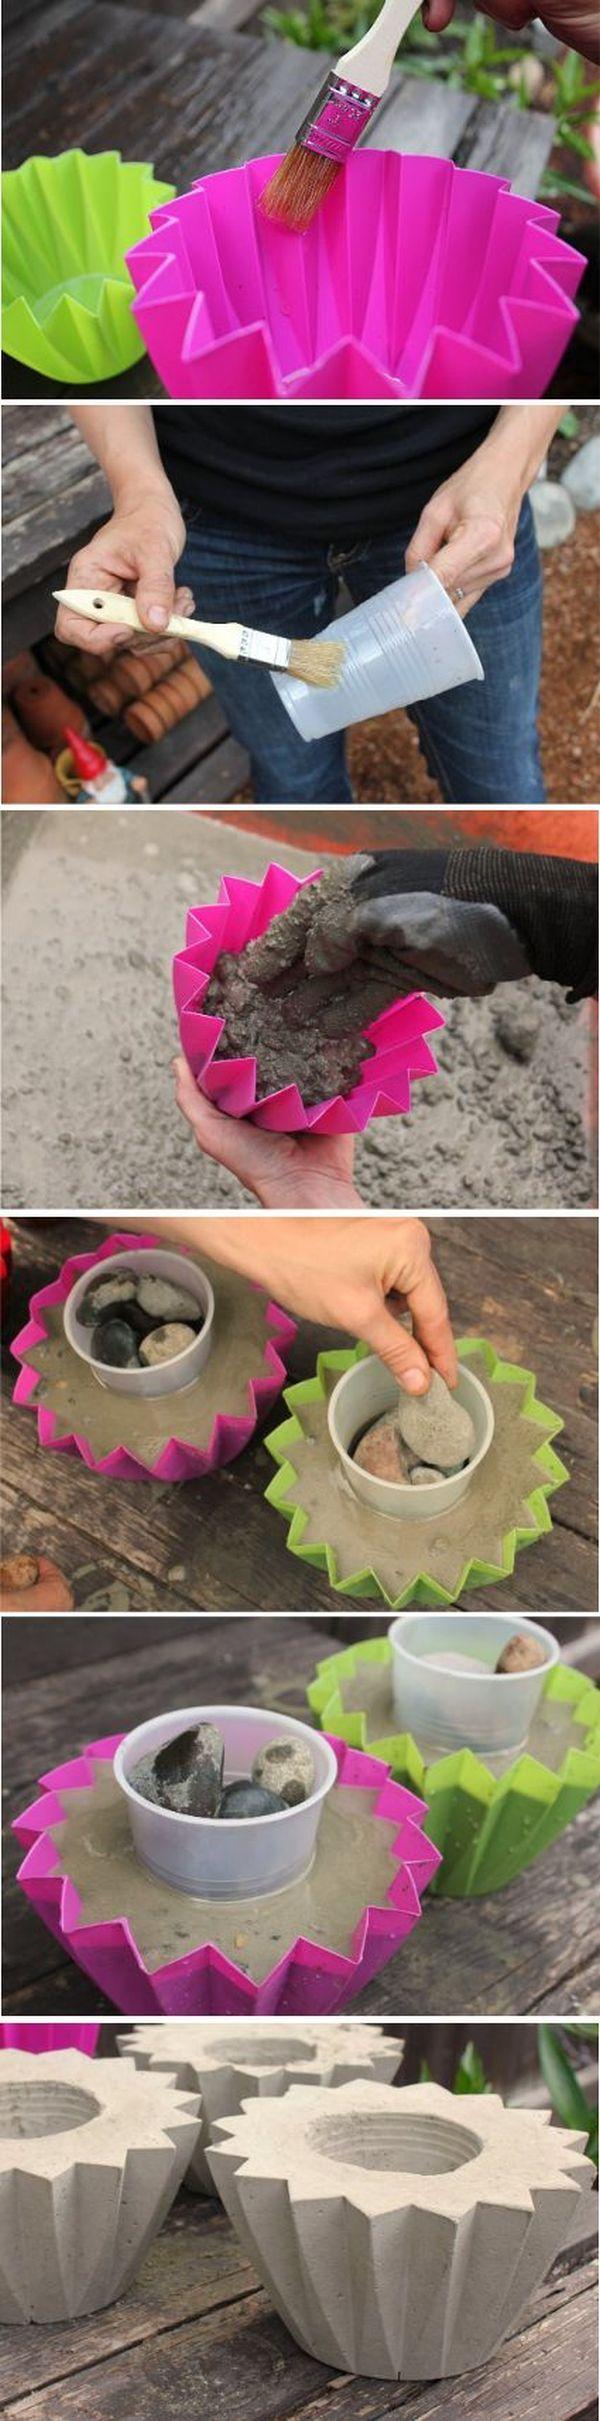 Jardiniere din beton. Afla cum le poti confectiona si singur Daca iti doresti o gradina frumos amenajata vara aceasta, iata cum poti realiza jardiniere si ghivece din beton pentru florile tale preferate http://ideipentrucasa.ro/jardiniere-din-beton-afla-cum-le-poti-confectiona-si-singur/